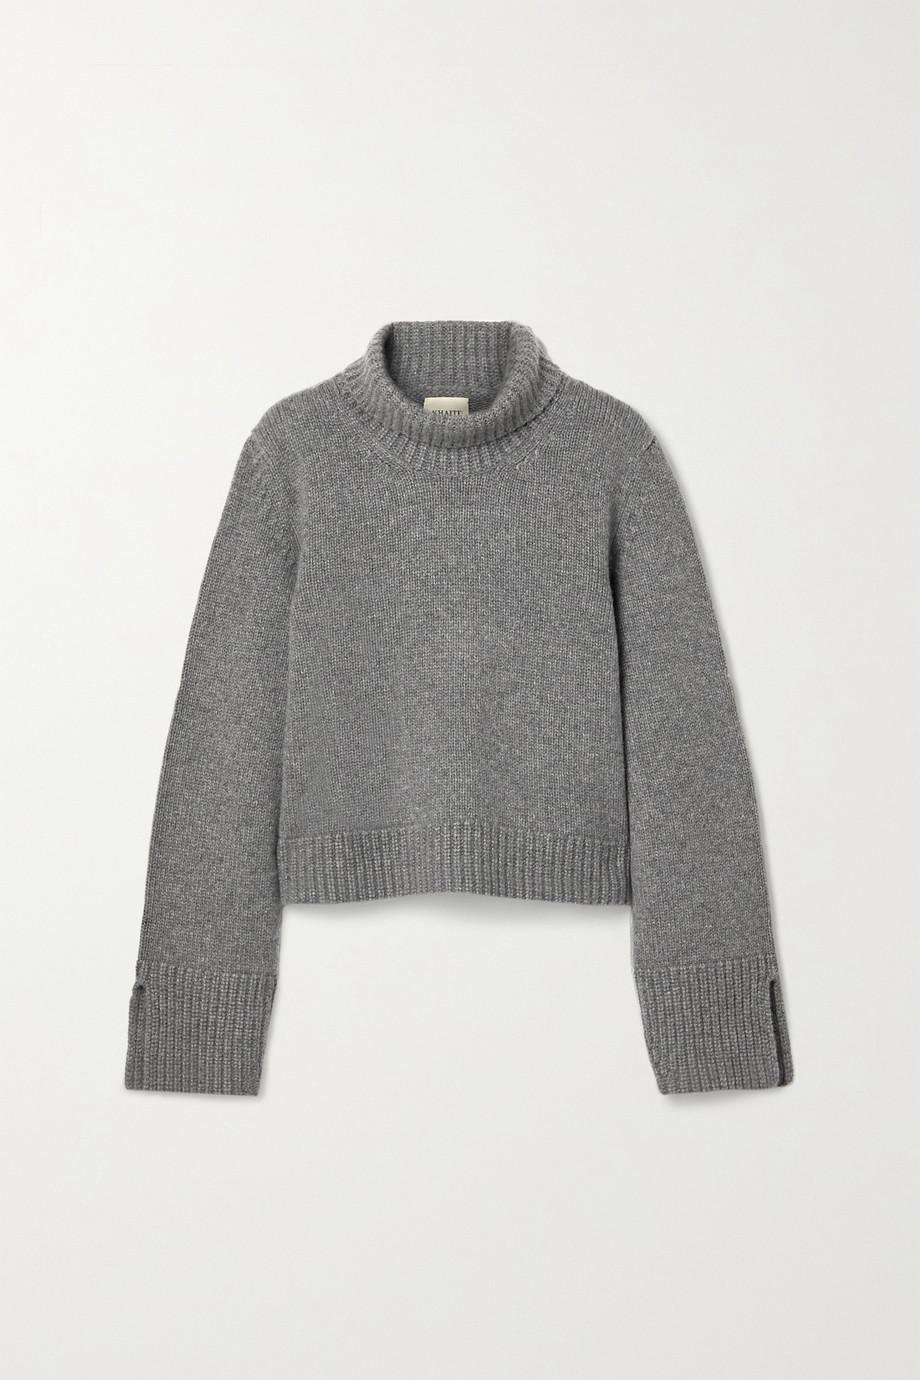 Khaite Marion cashmere turtleneck sweater